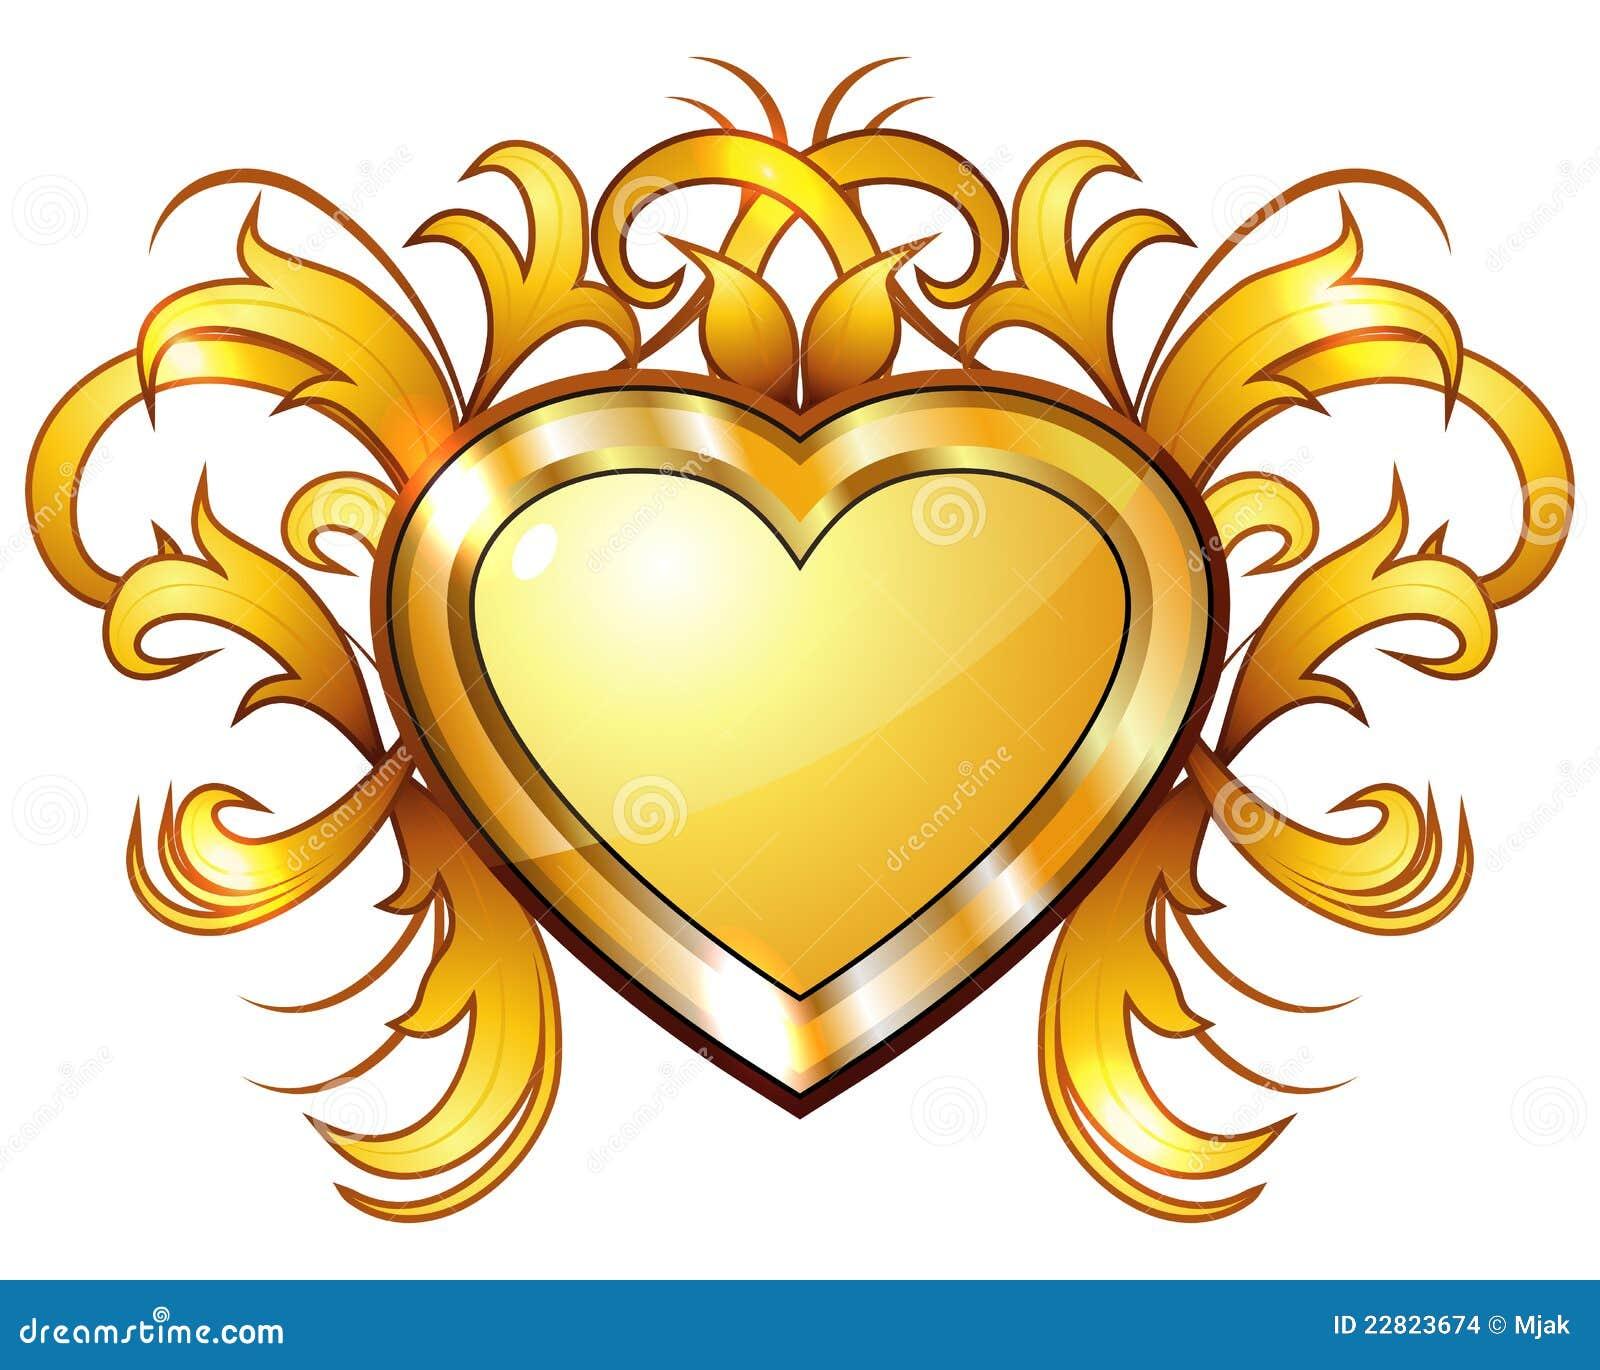 Gold heart 3d